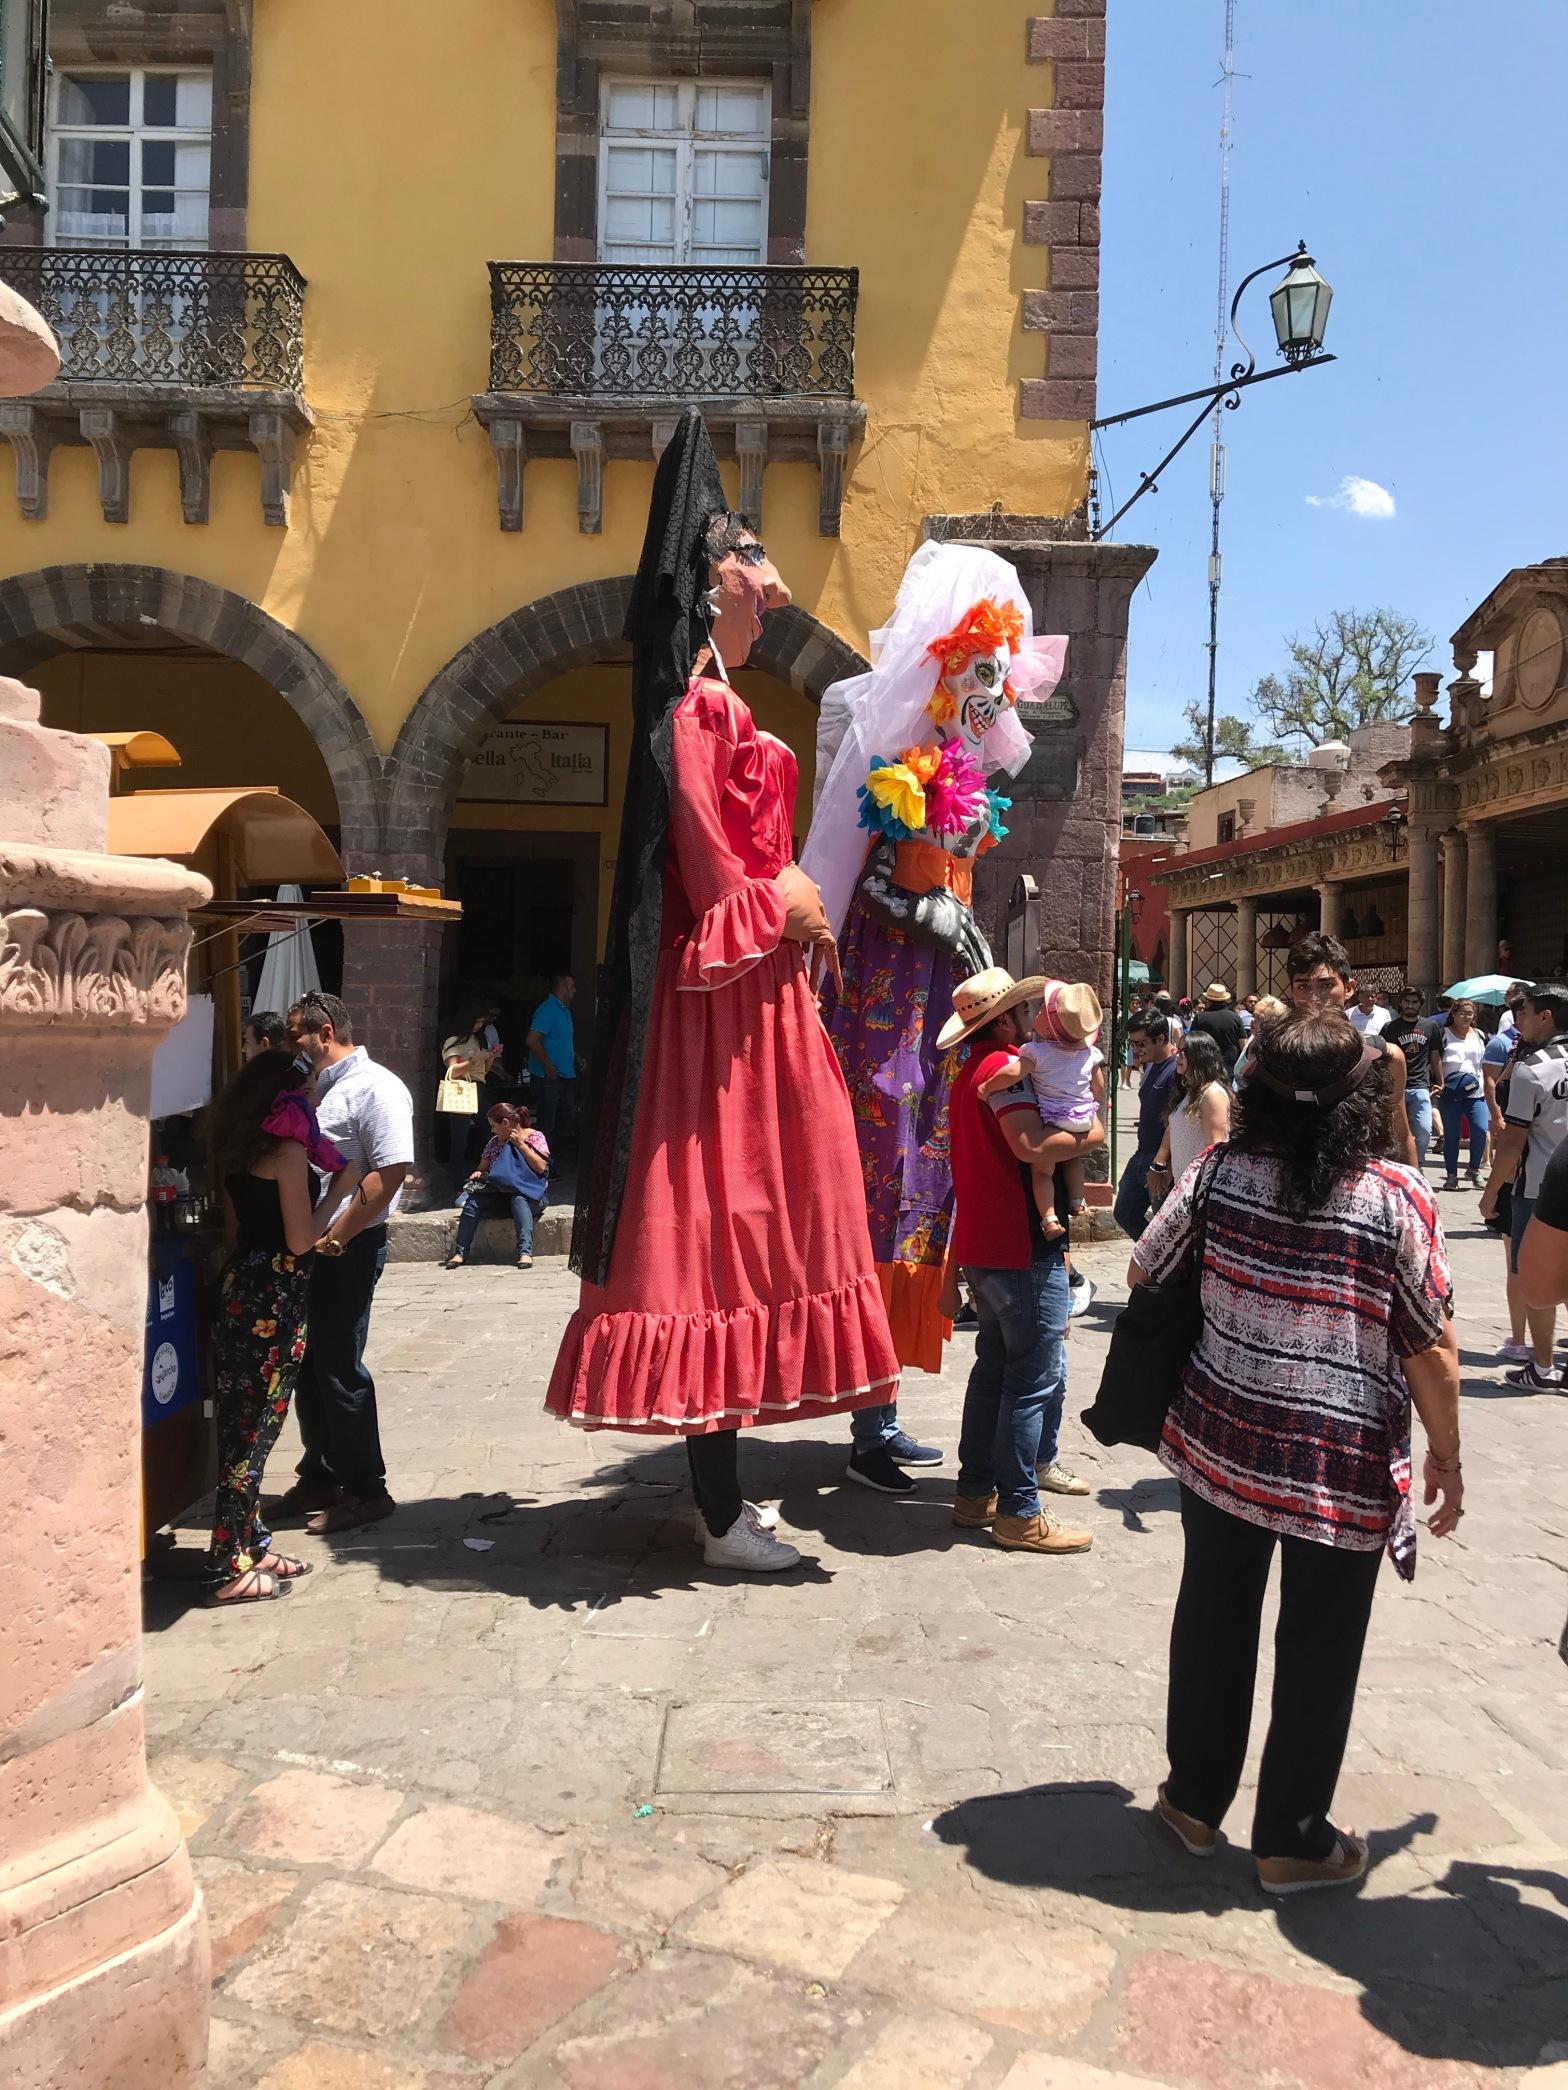 Easter in San Miguel de Allende